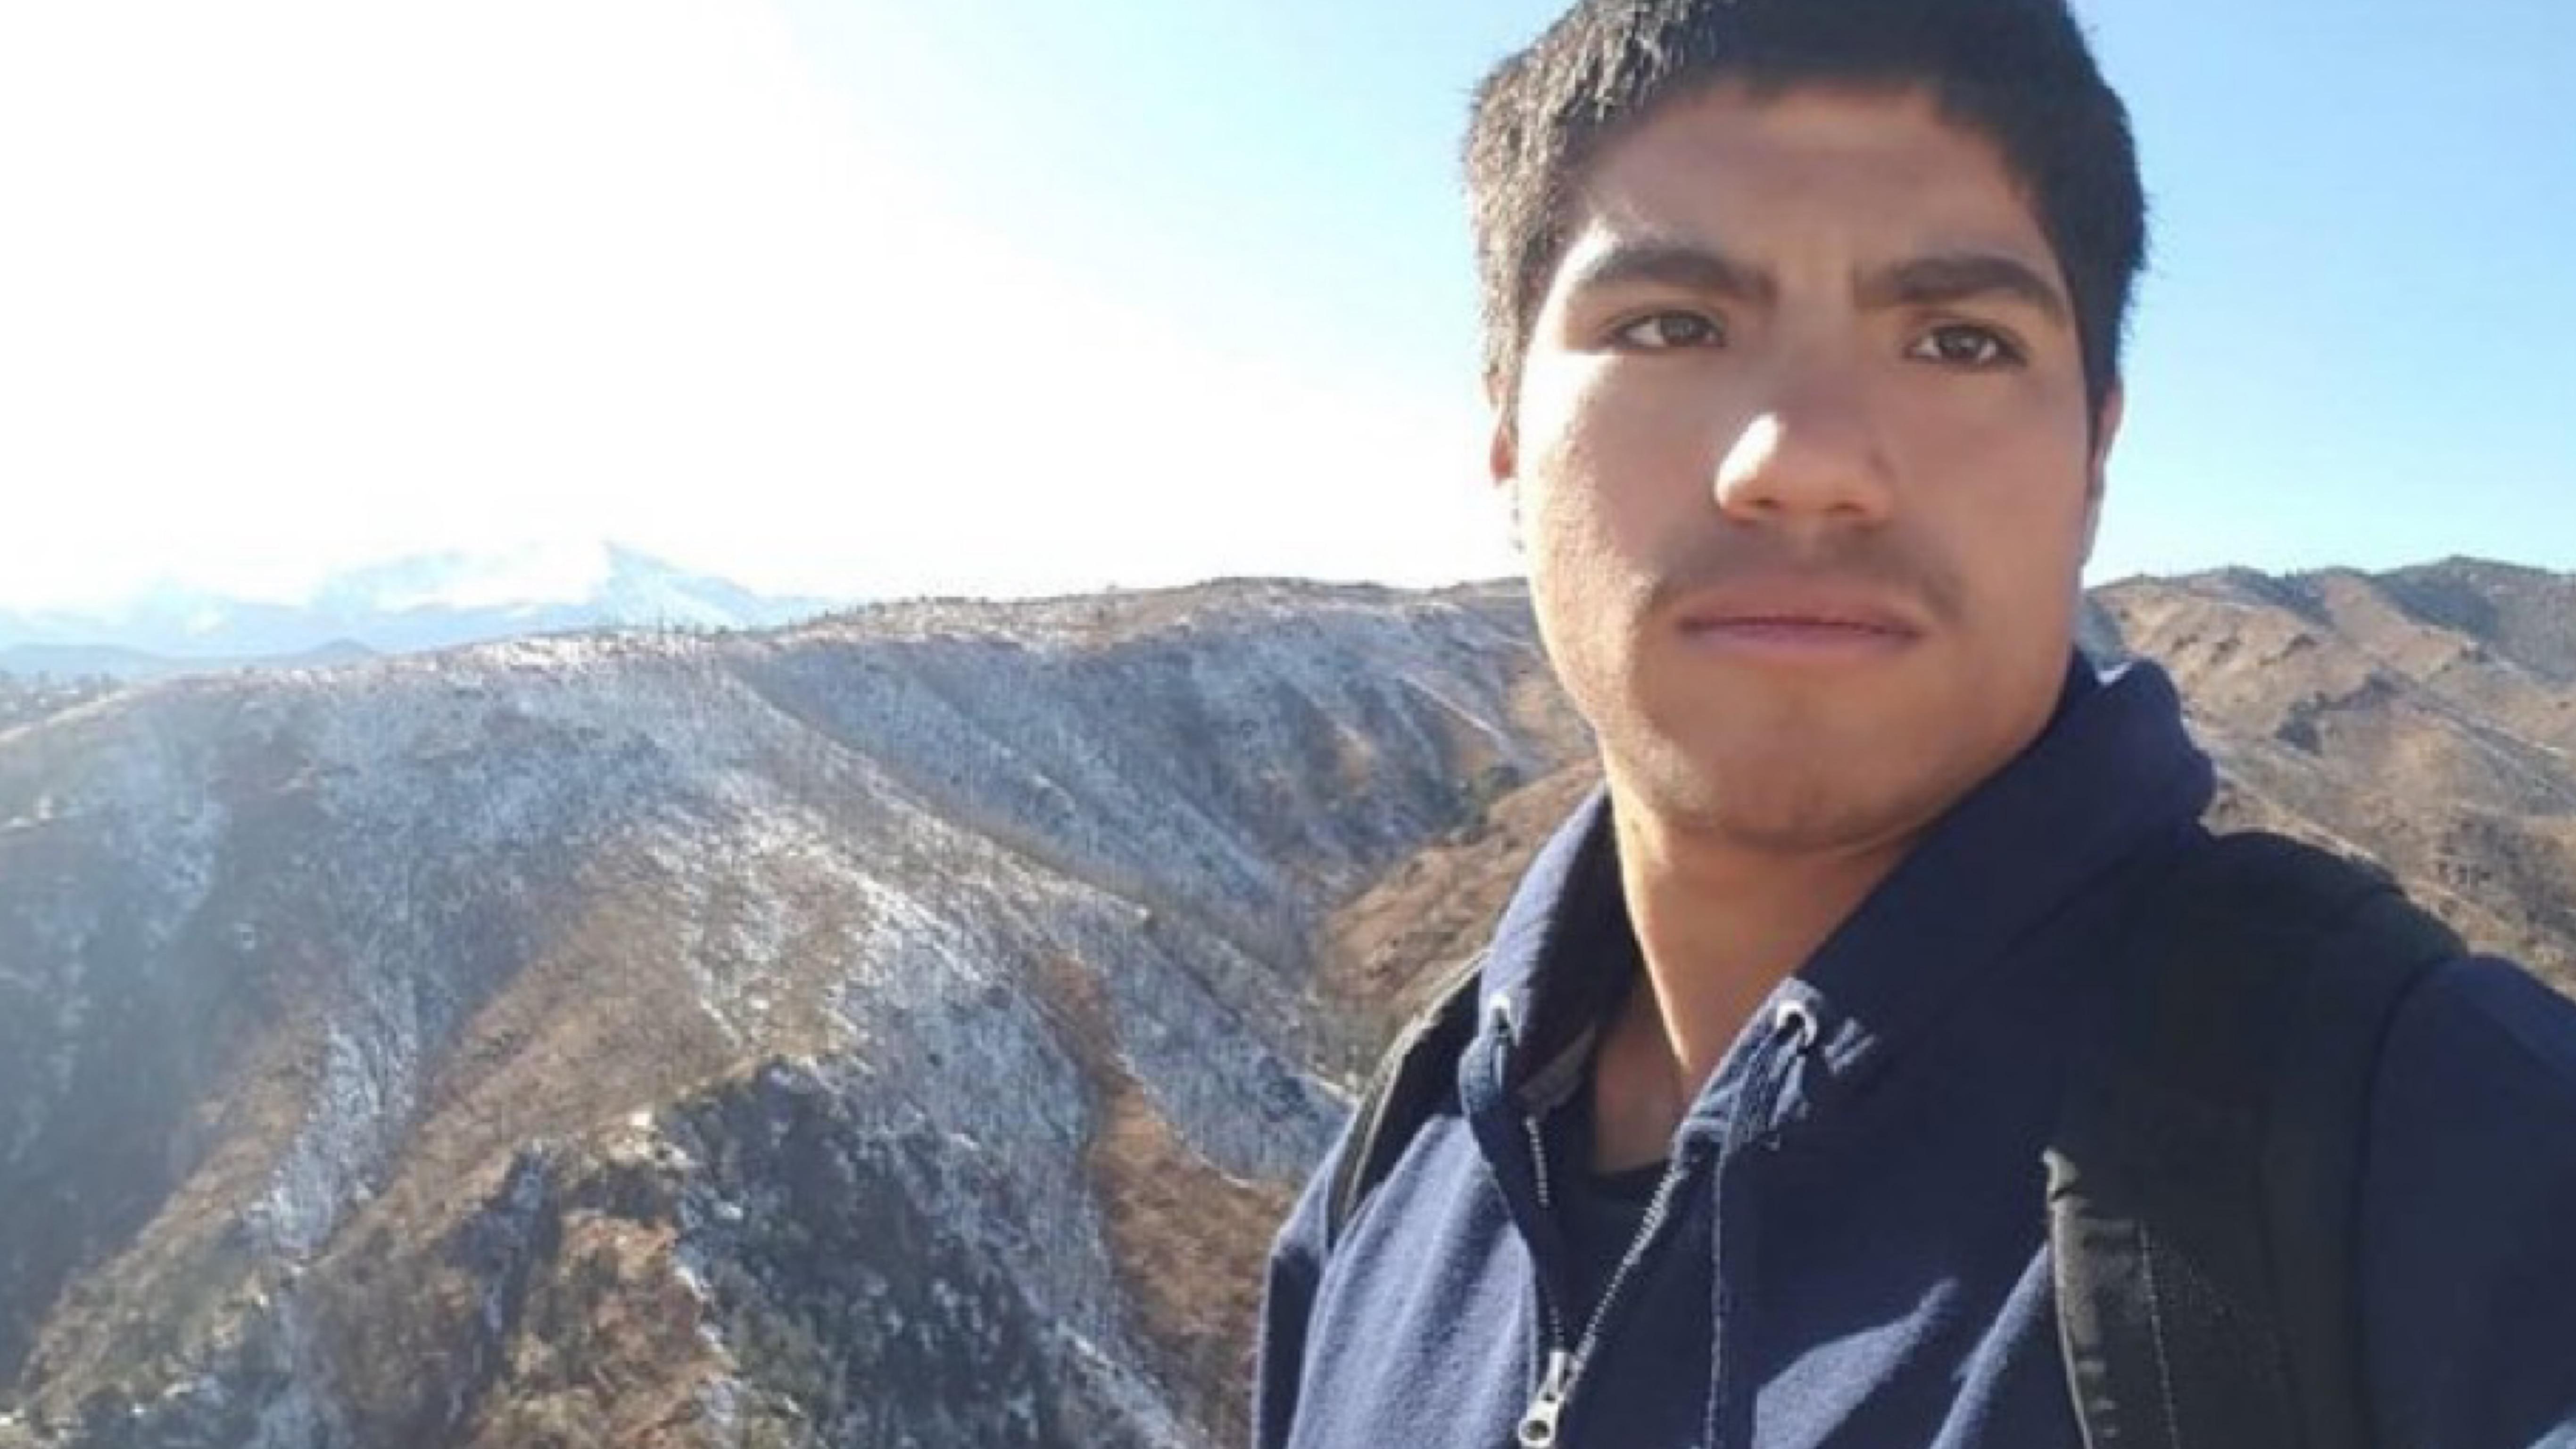 Victima-de-masacre-en-fiesta-de-cumpleanos-en-Colorado-Springs-Jose-Gutierrez-21-anos